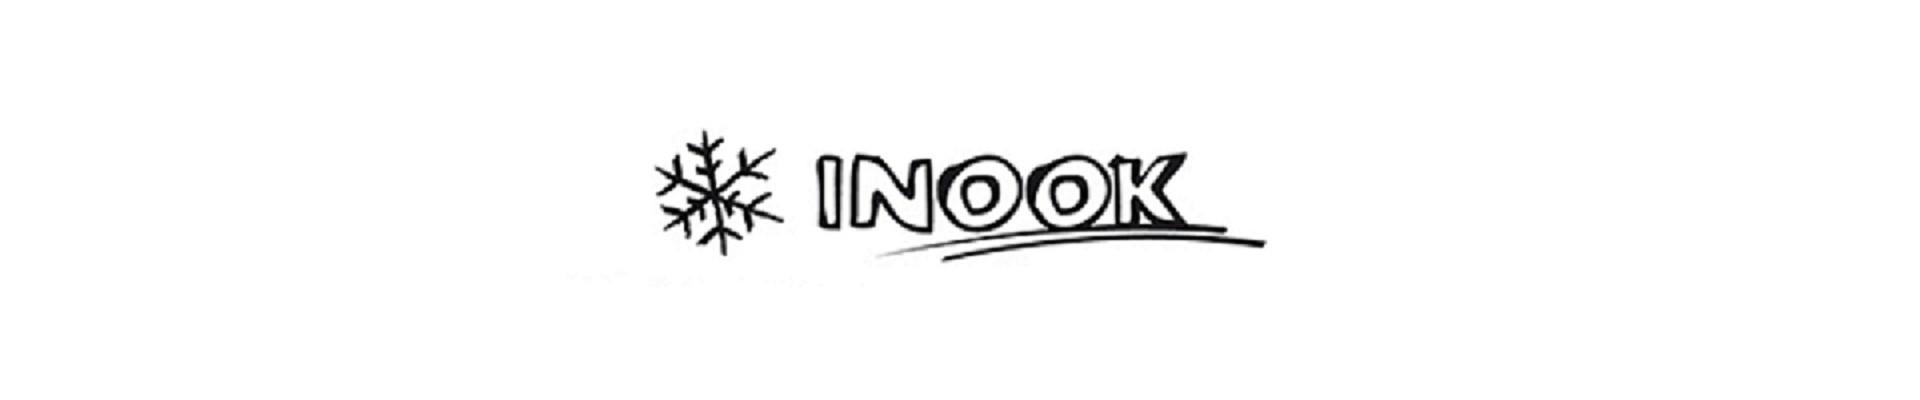 Inook